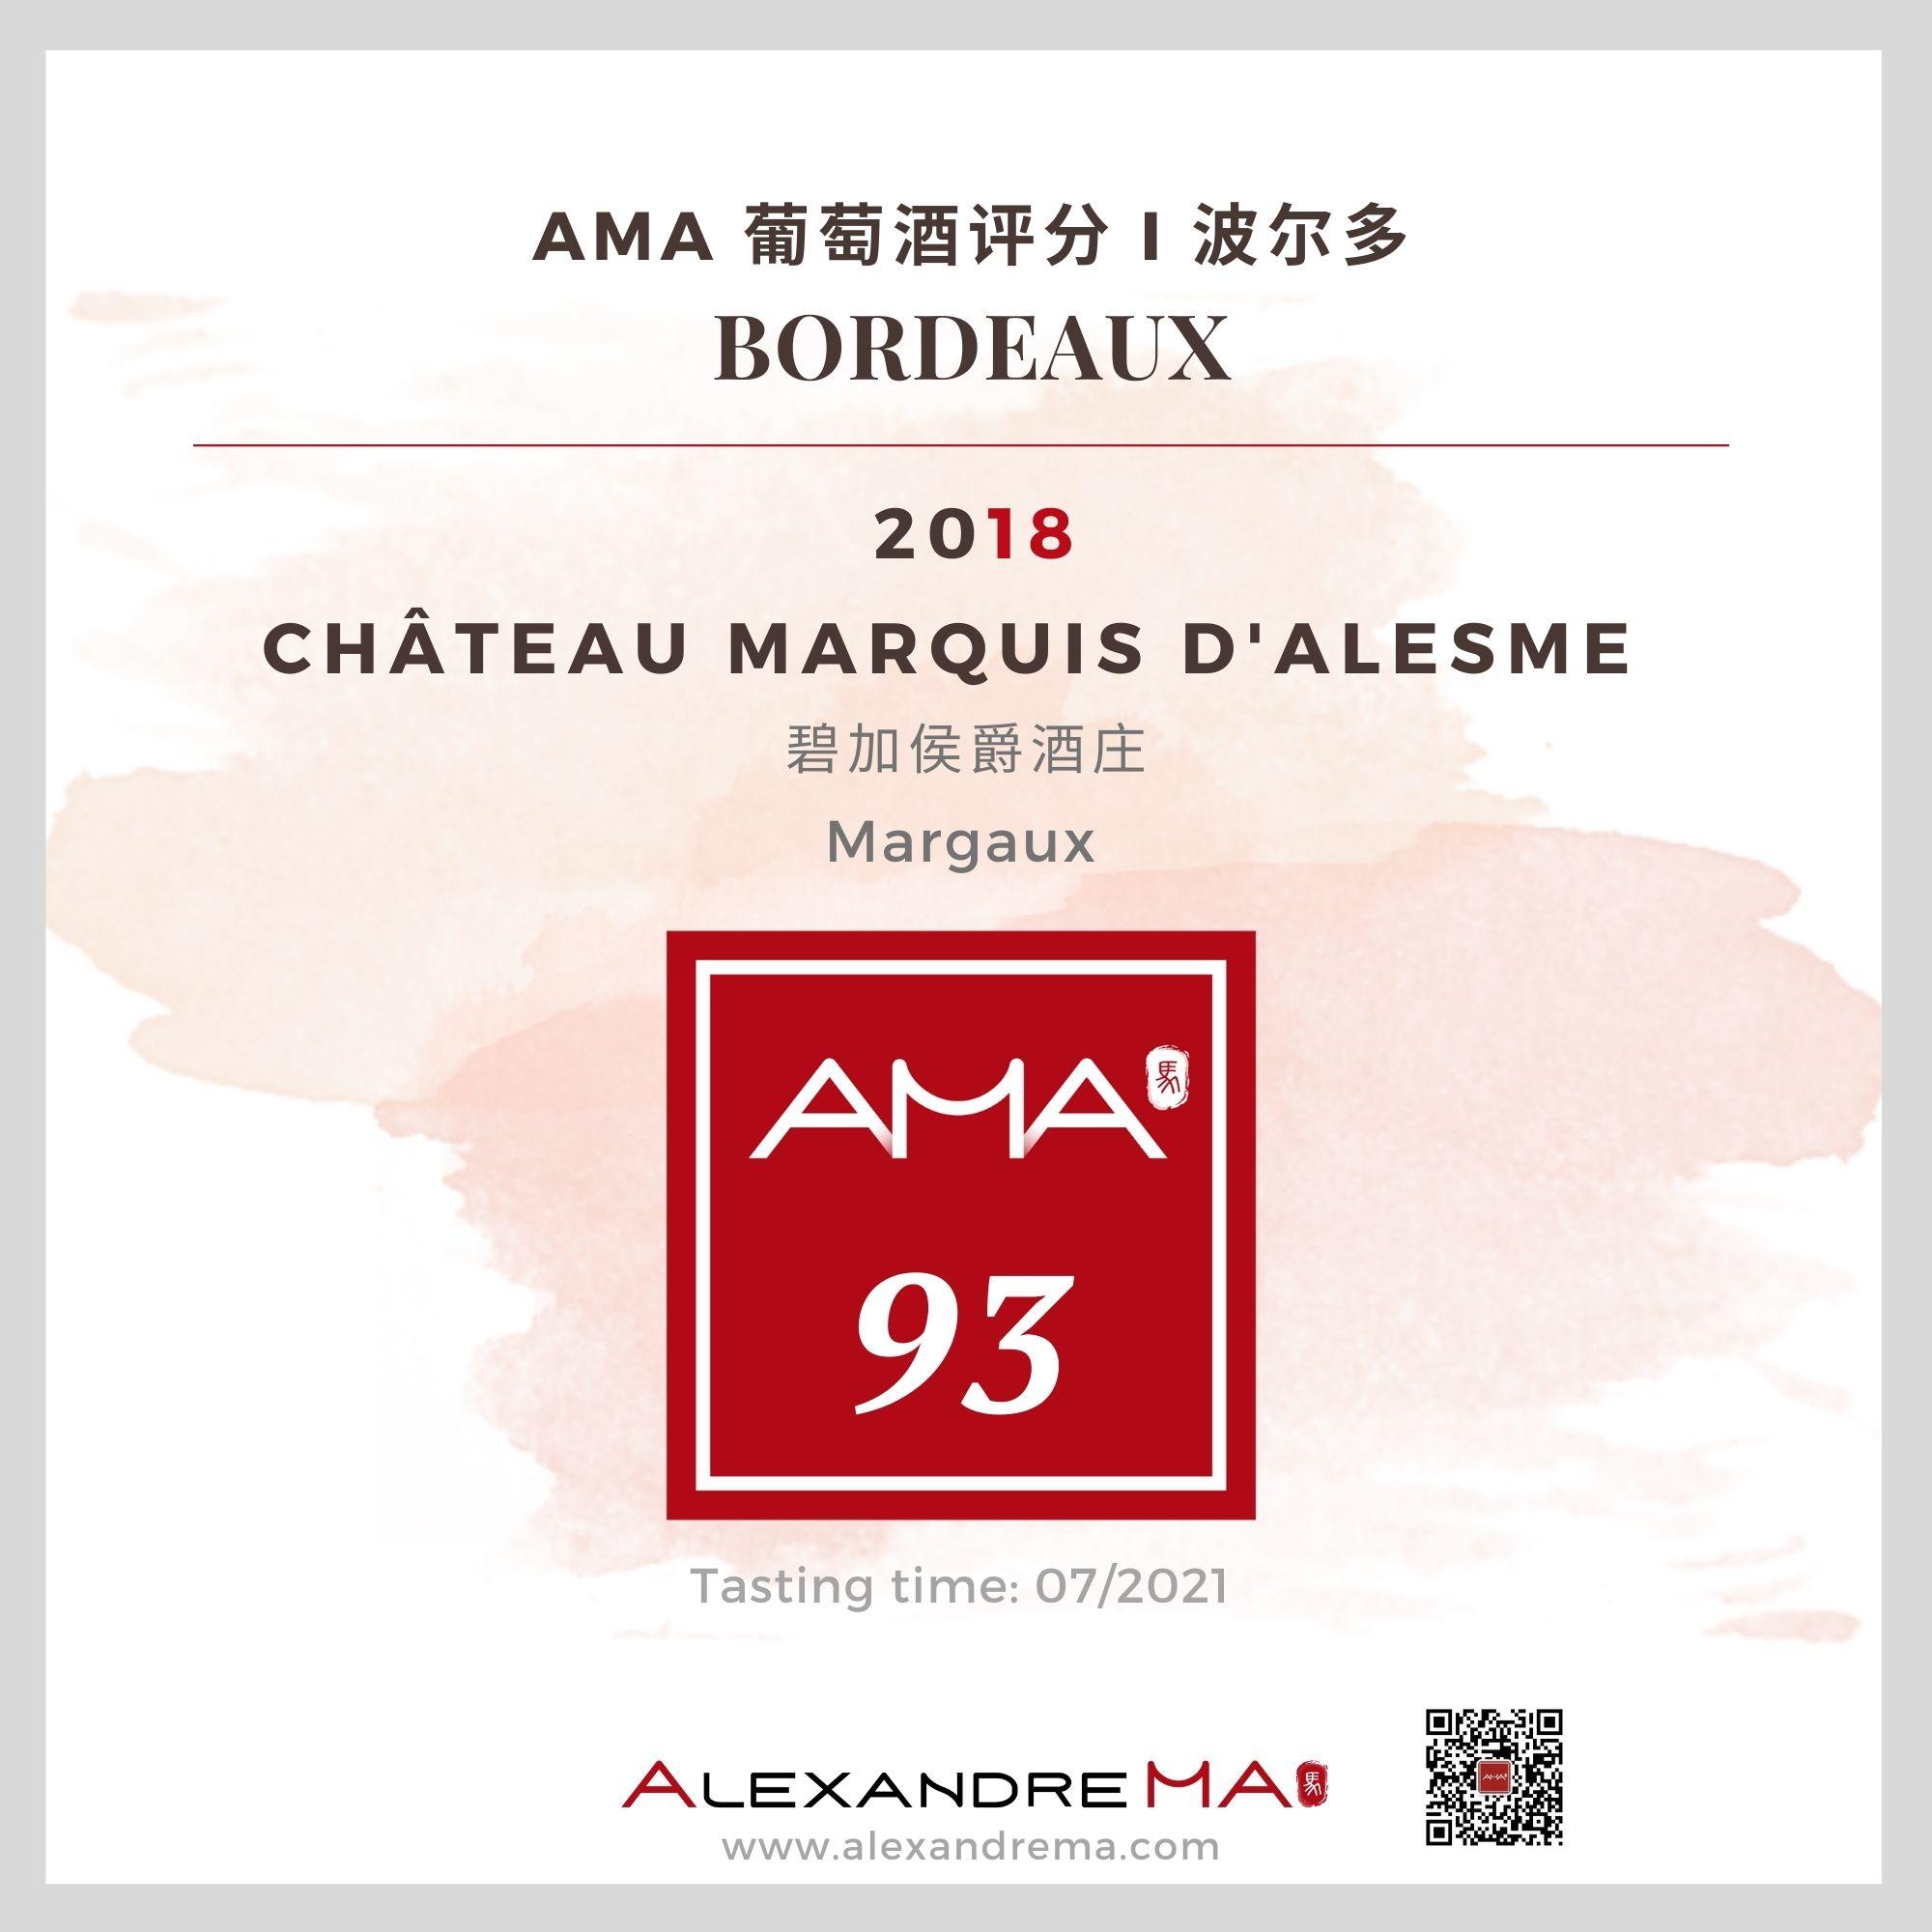 Château Marquis d'Alesme 2018 - Alexandre MA